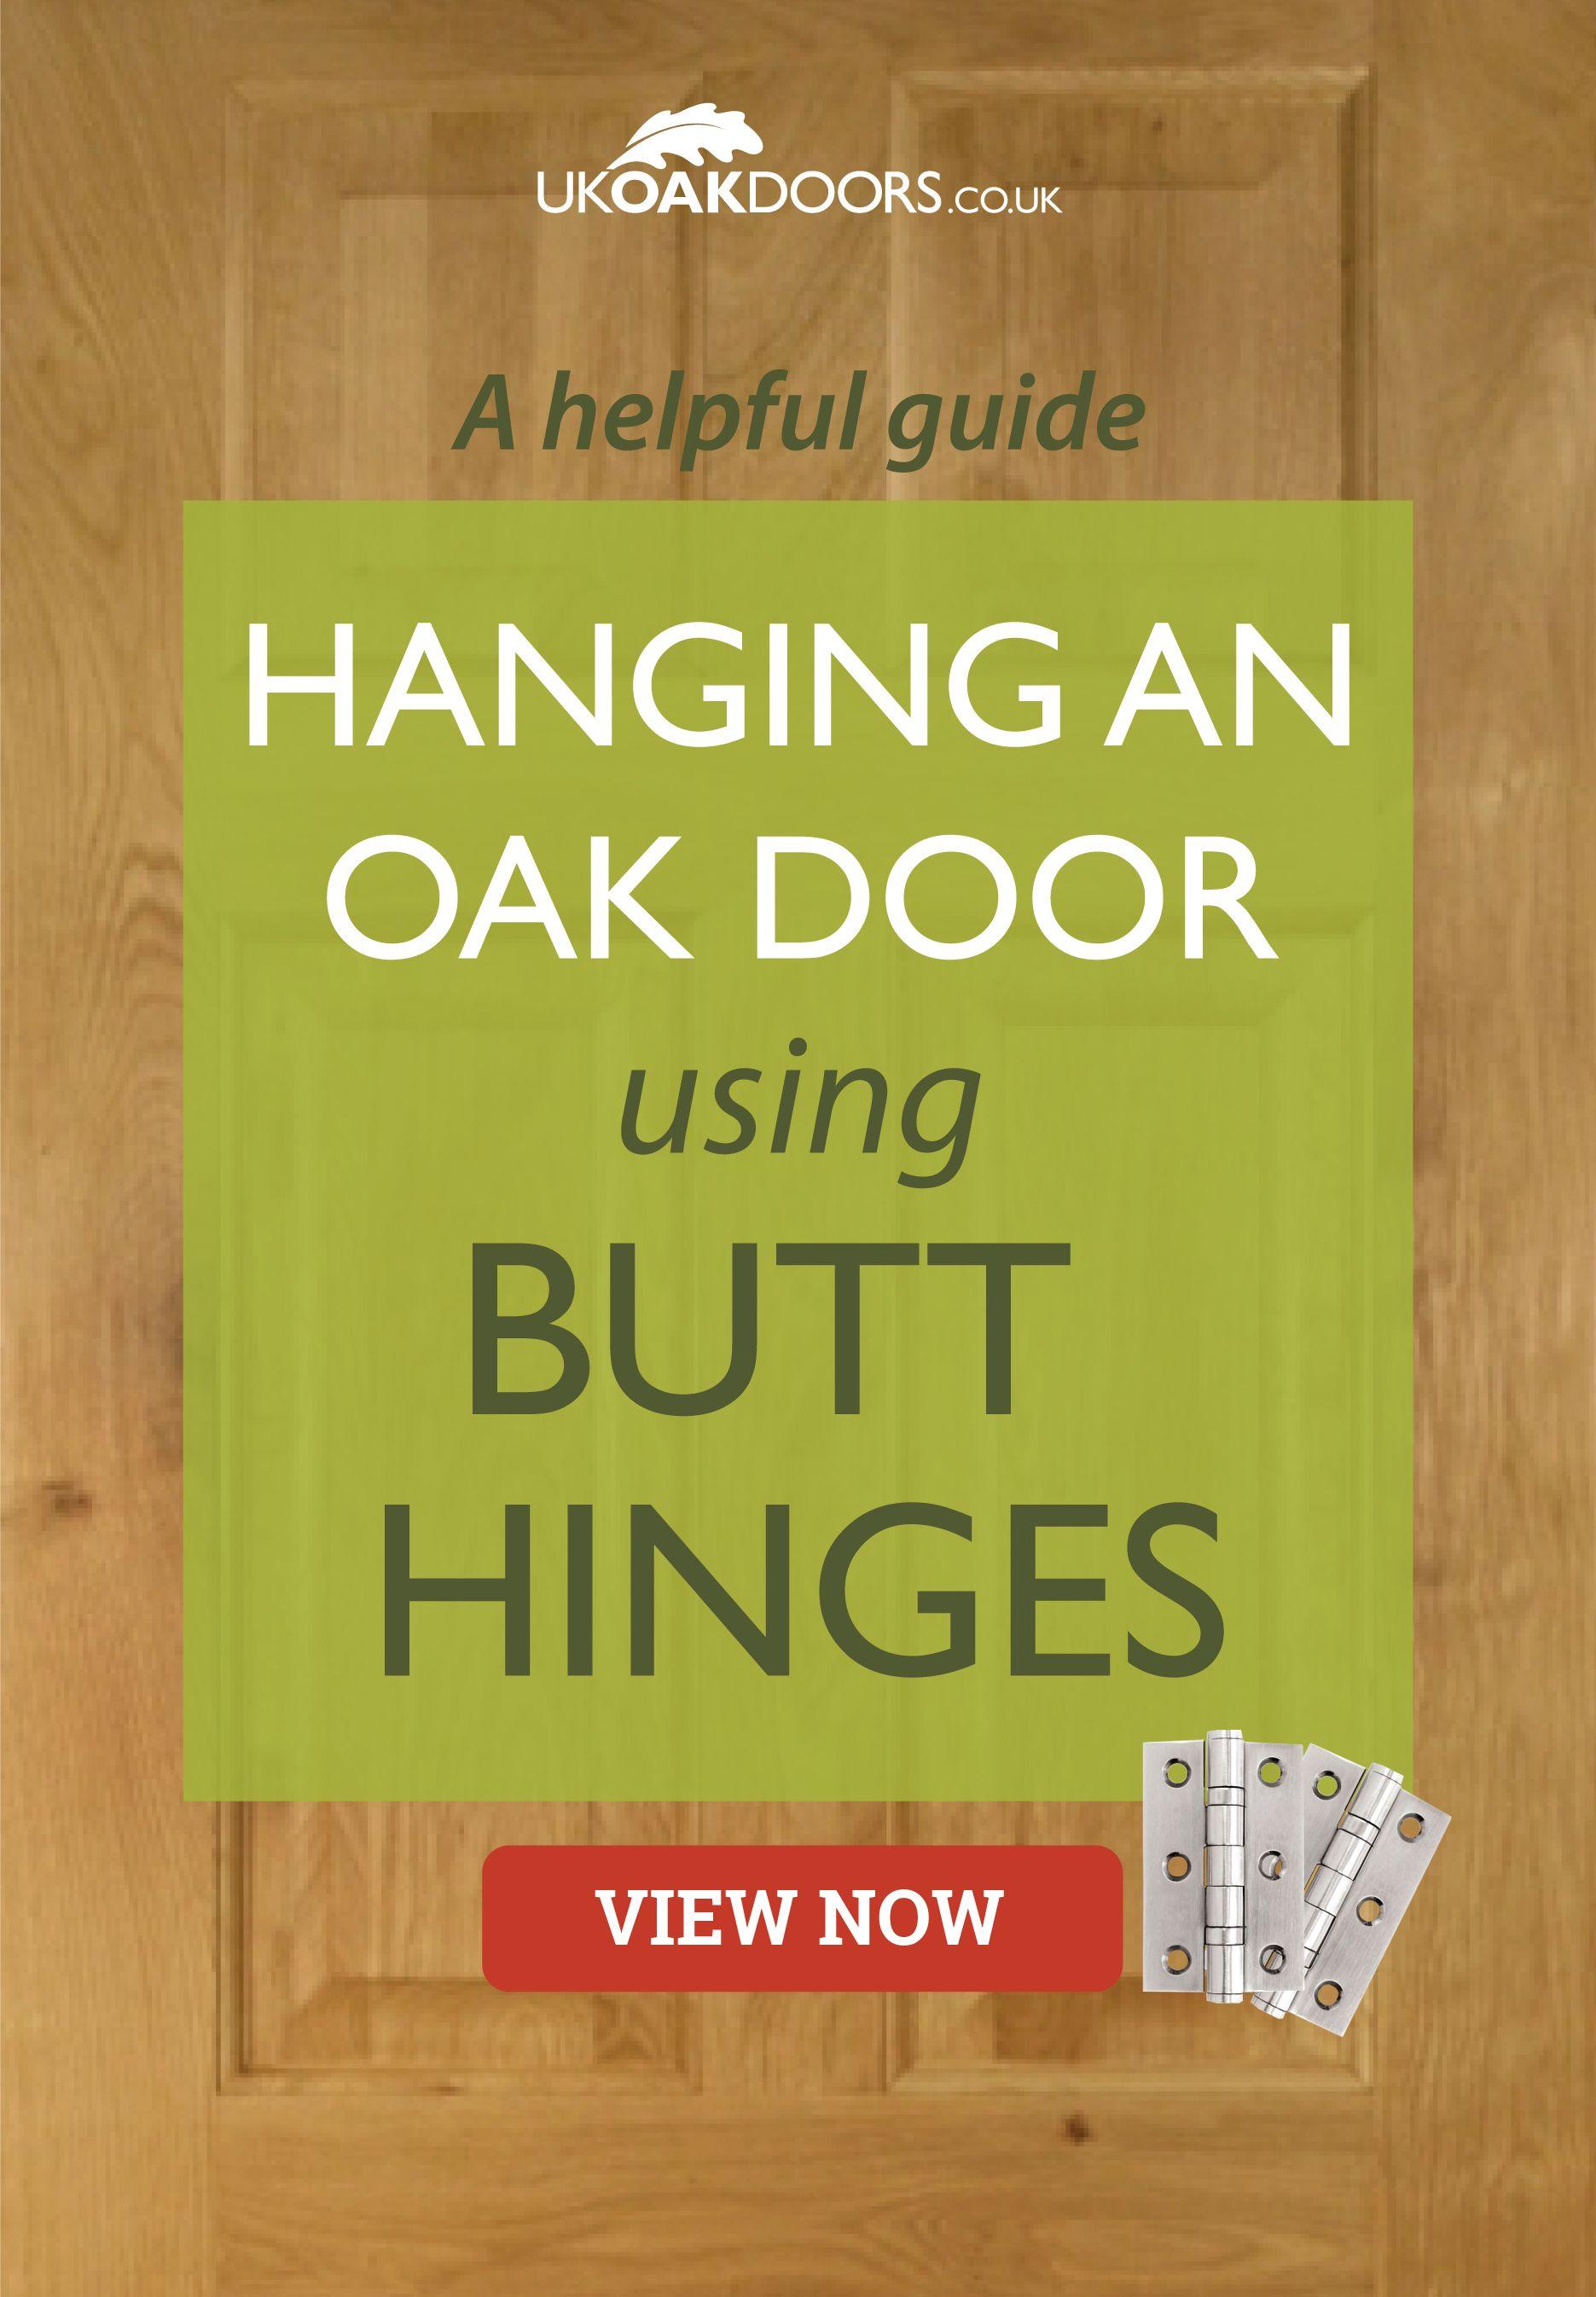 How To Hang An Internal Oak Door Using Butt Hinges Our Blog